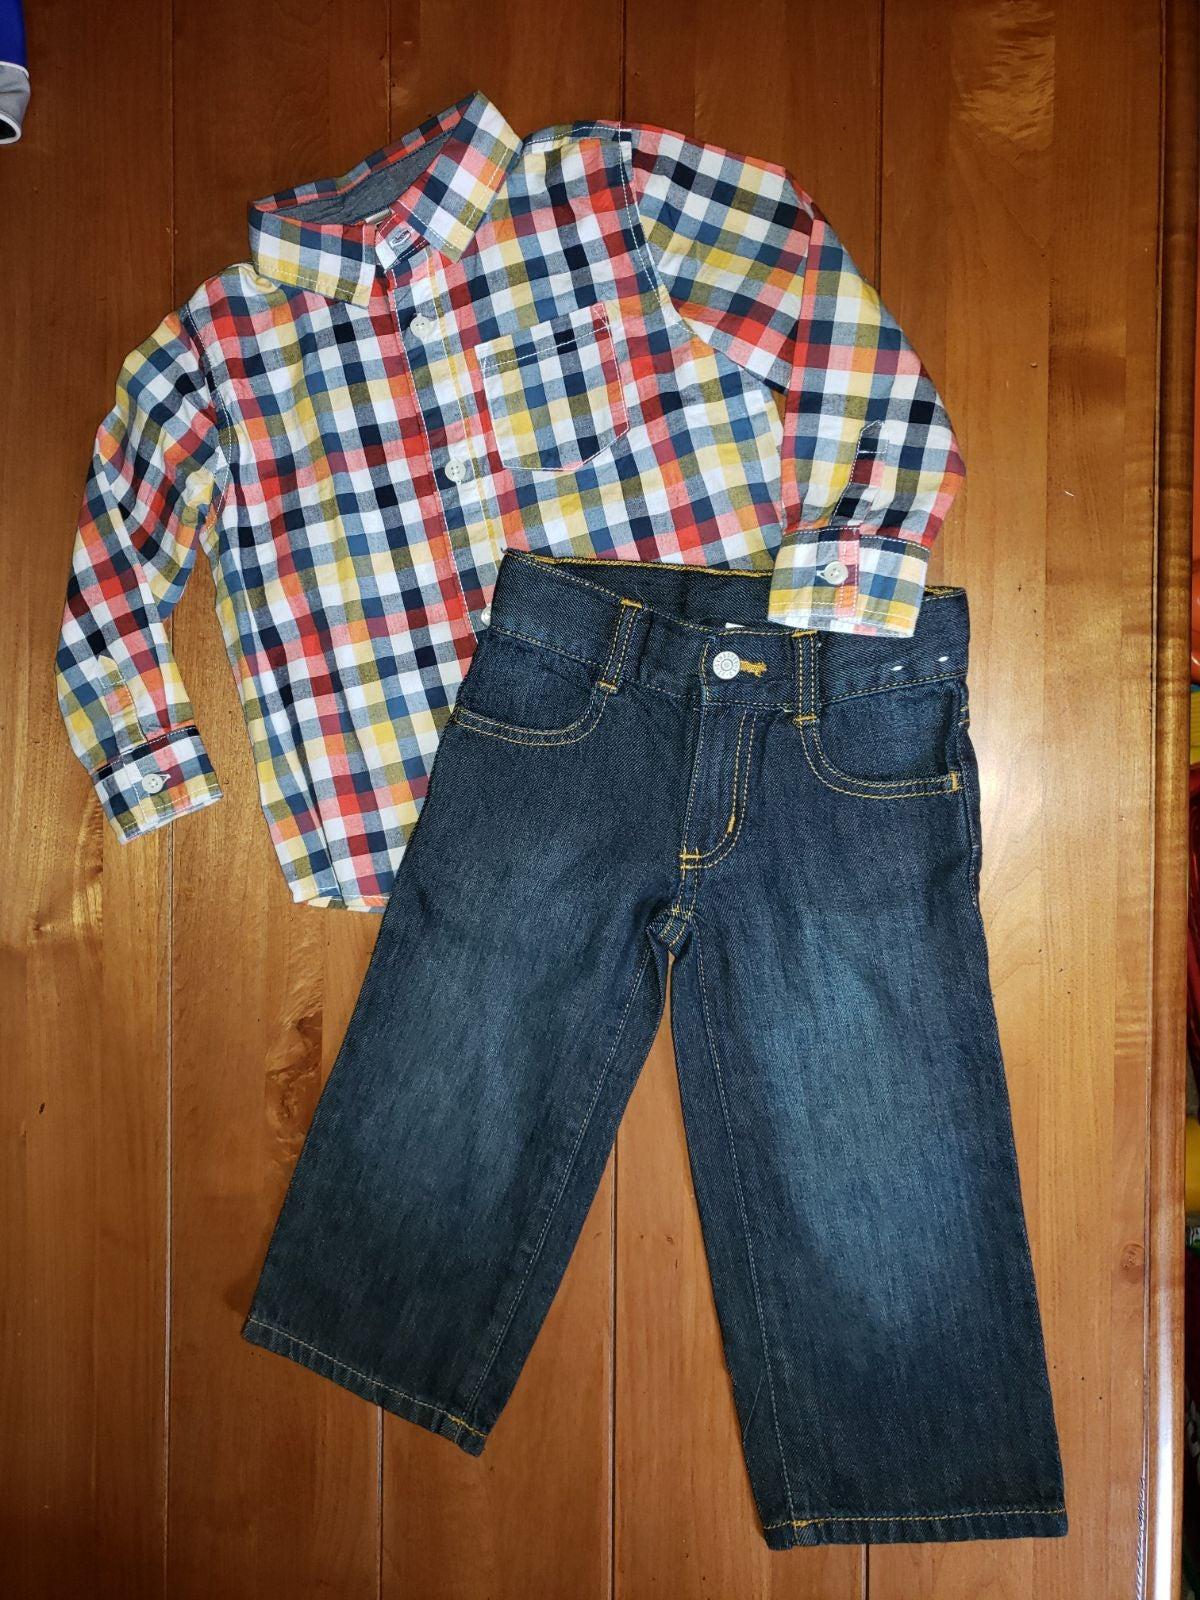 Boys 2T Gymboree Outfit